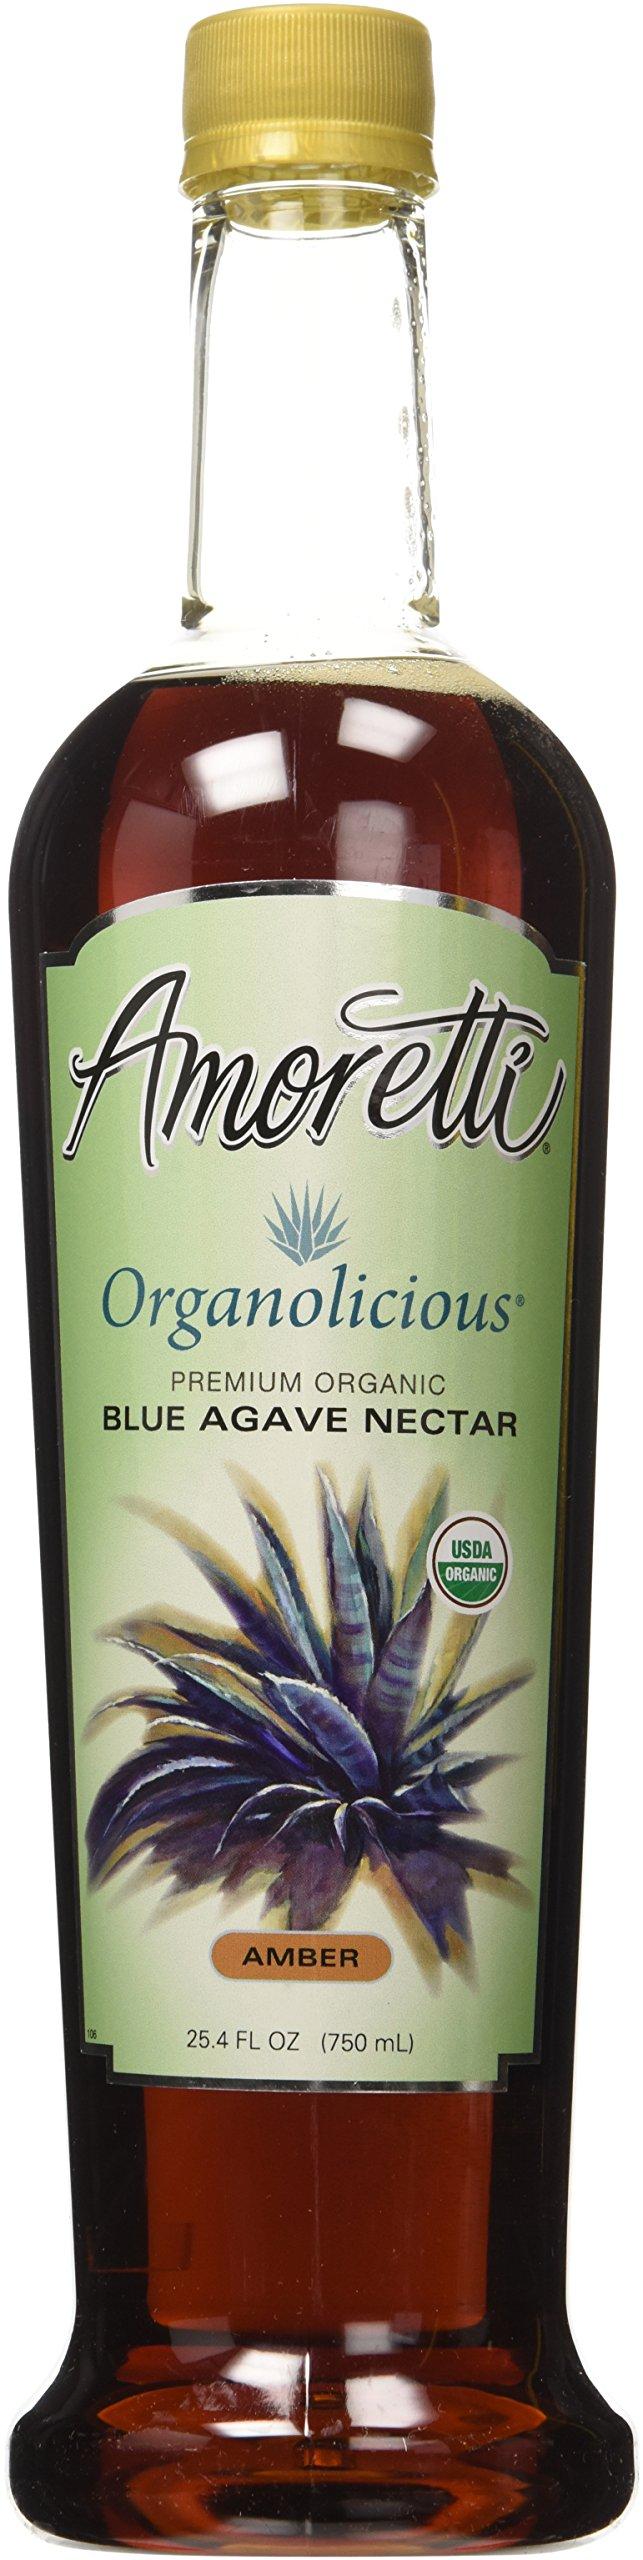 Amoretti Premium Organolicious Blue Agave Nectar, 25.4 Fluid Ounce